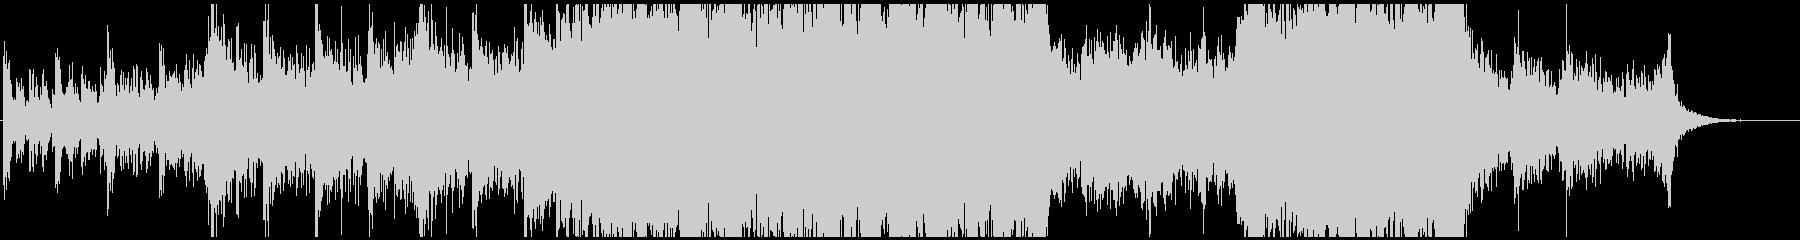 大編成オケの未再生の波形